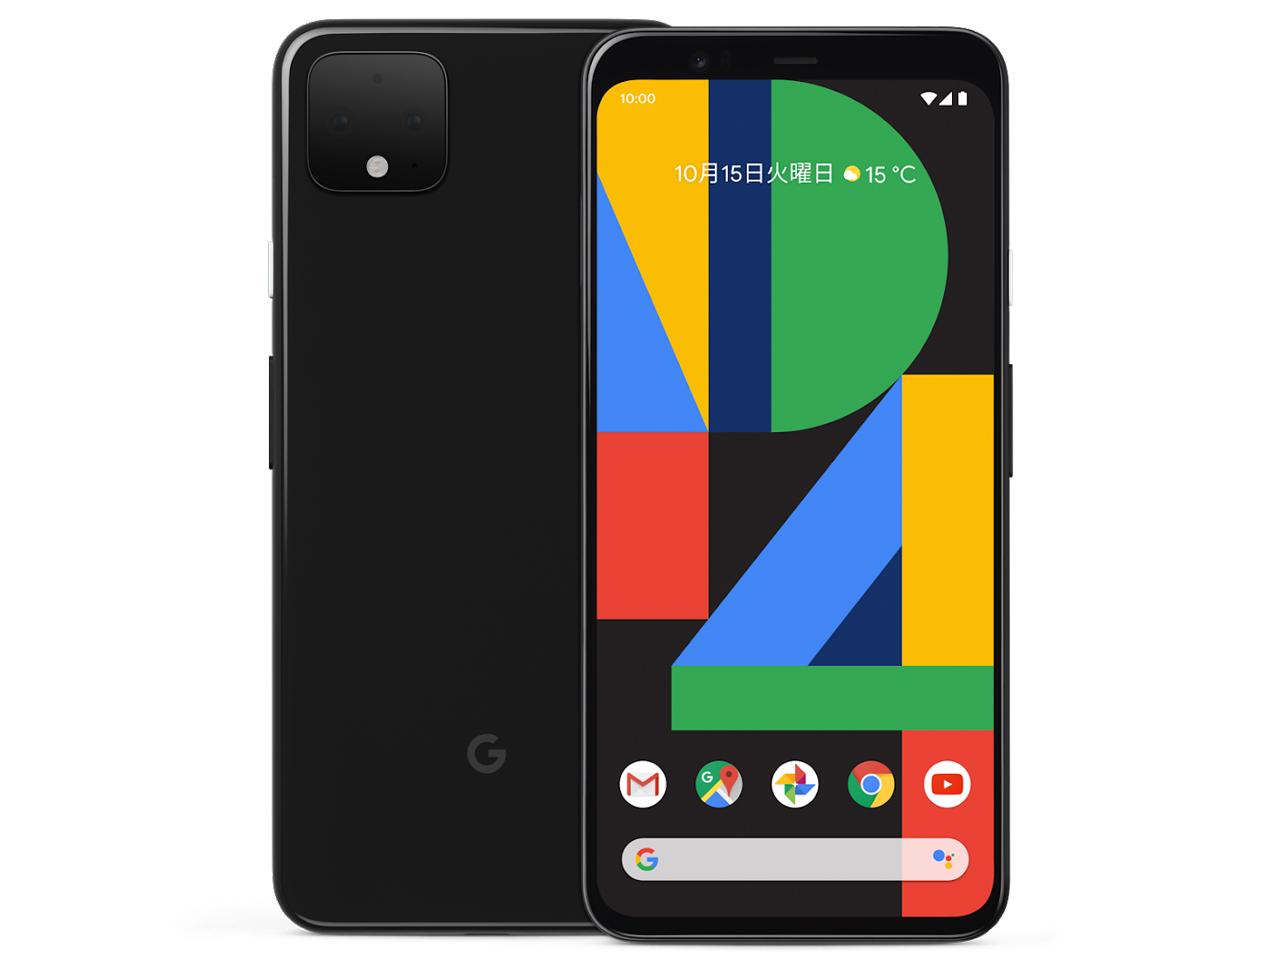 【新品・白ロム・本体】SIMロック解除済 SoftBank Google Pixel 4 64GB 黒 ブラック PIXEL4 スマートフォン ソフトバンク google pixel4 Just Black PIXEL4 携帯電話